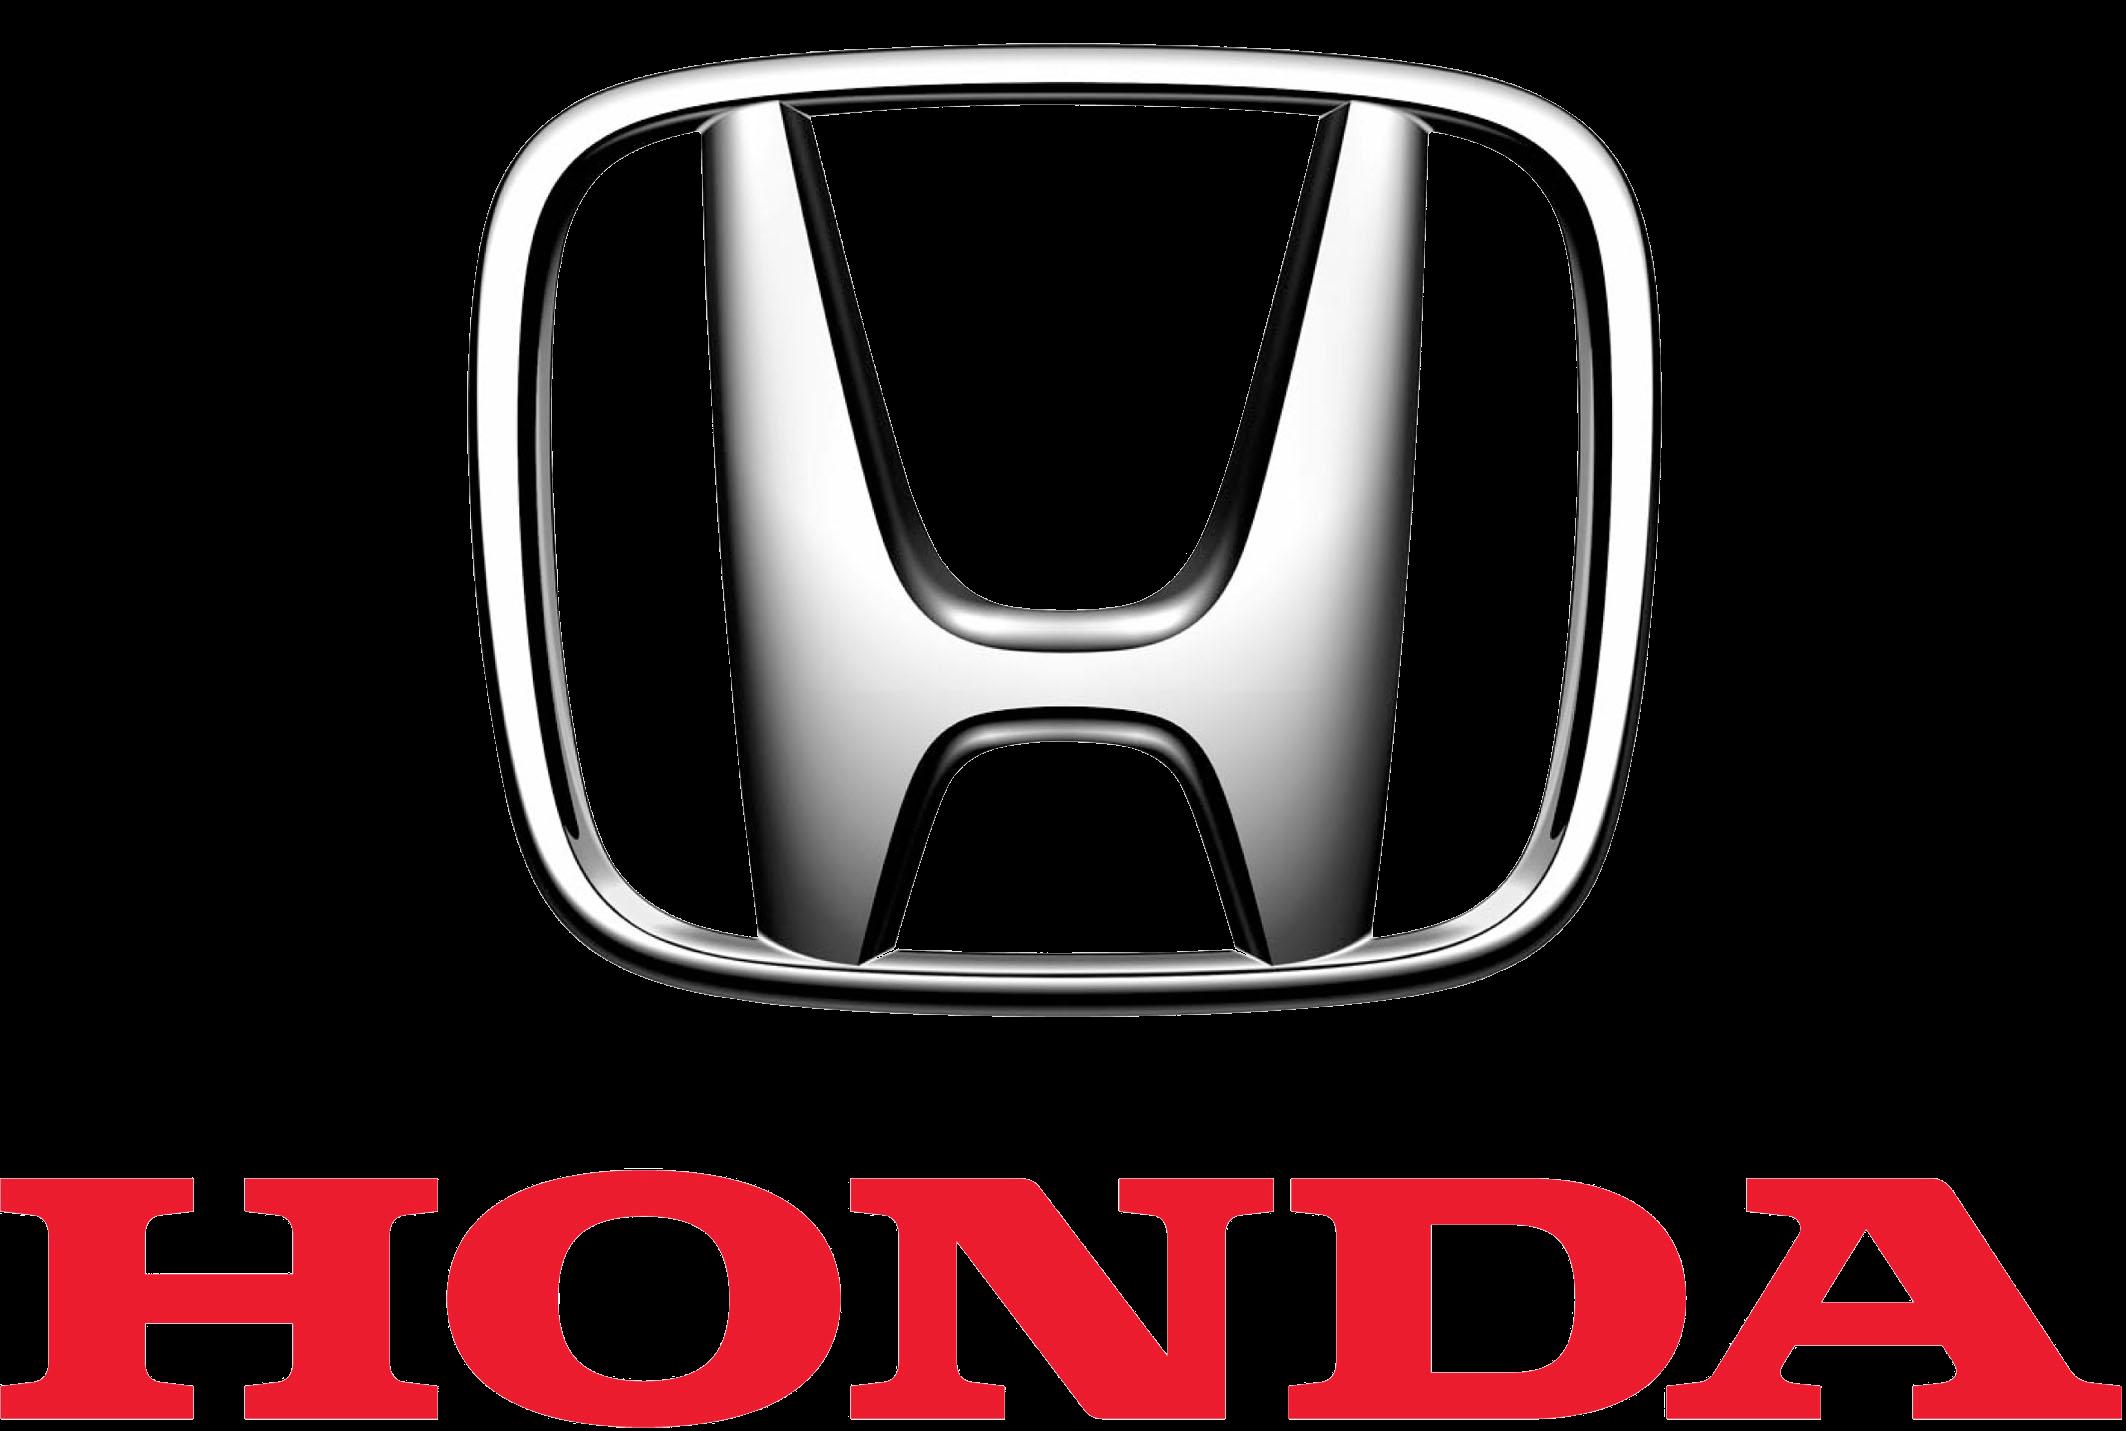 Thenewswise 2016 01 13 Honda Ridgeline 2017 World Premiere In Detroit 1554 Logo 2